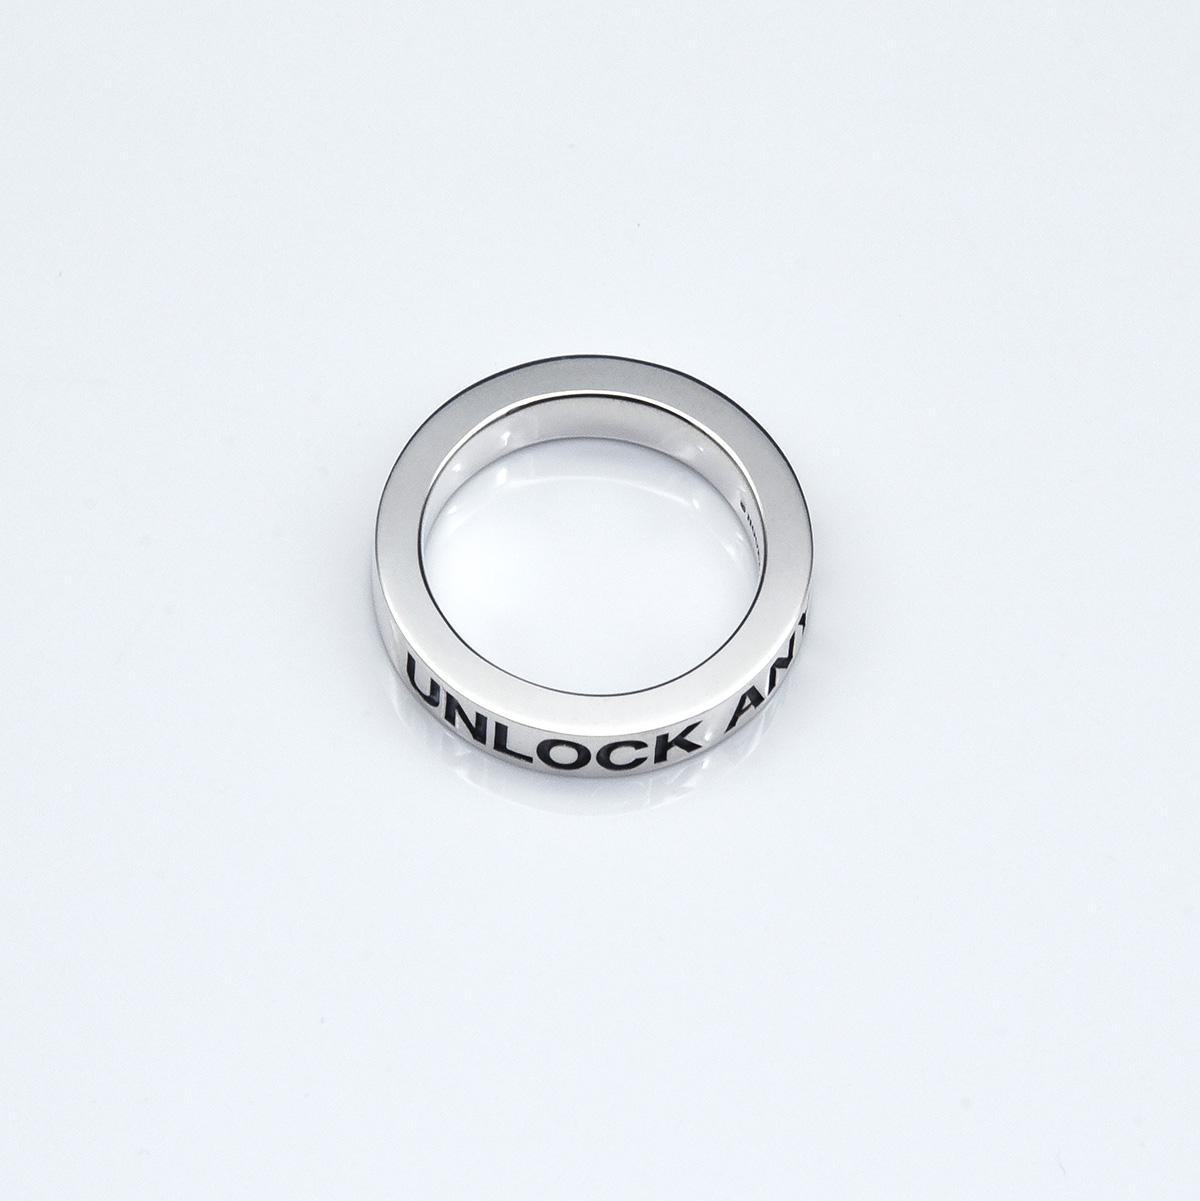 UNLOCK リング 5mm(鏡面仕上げ)